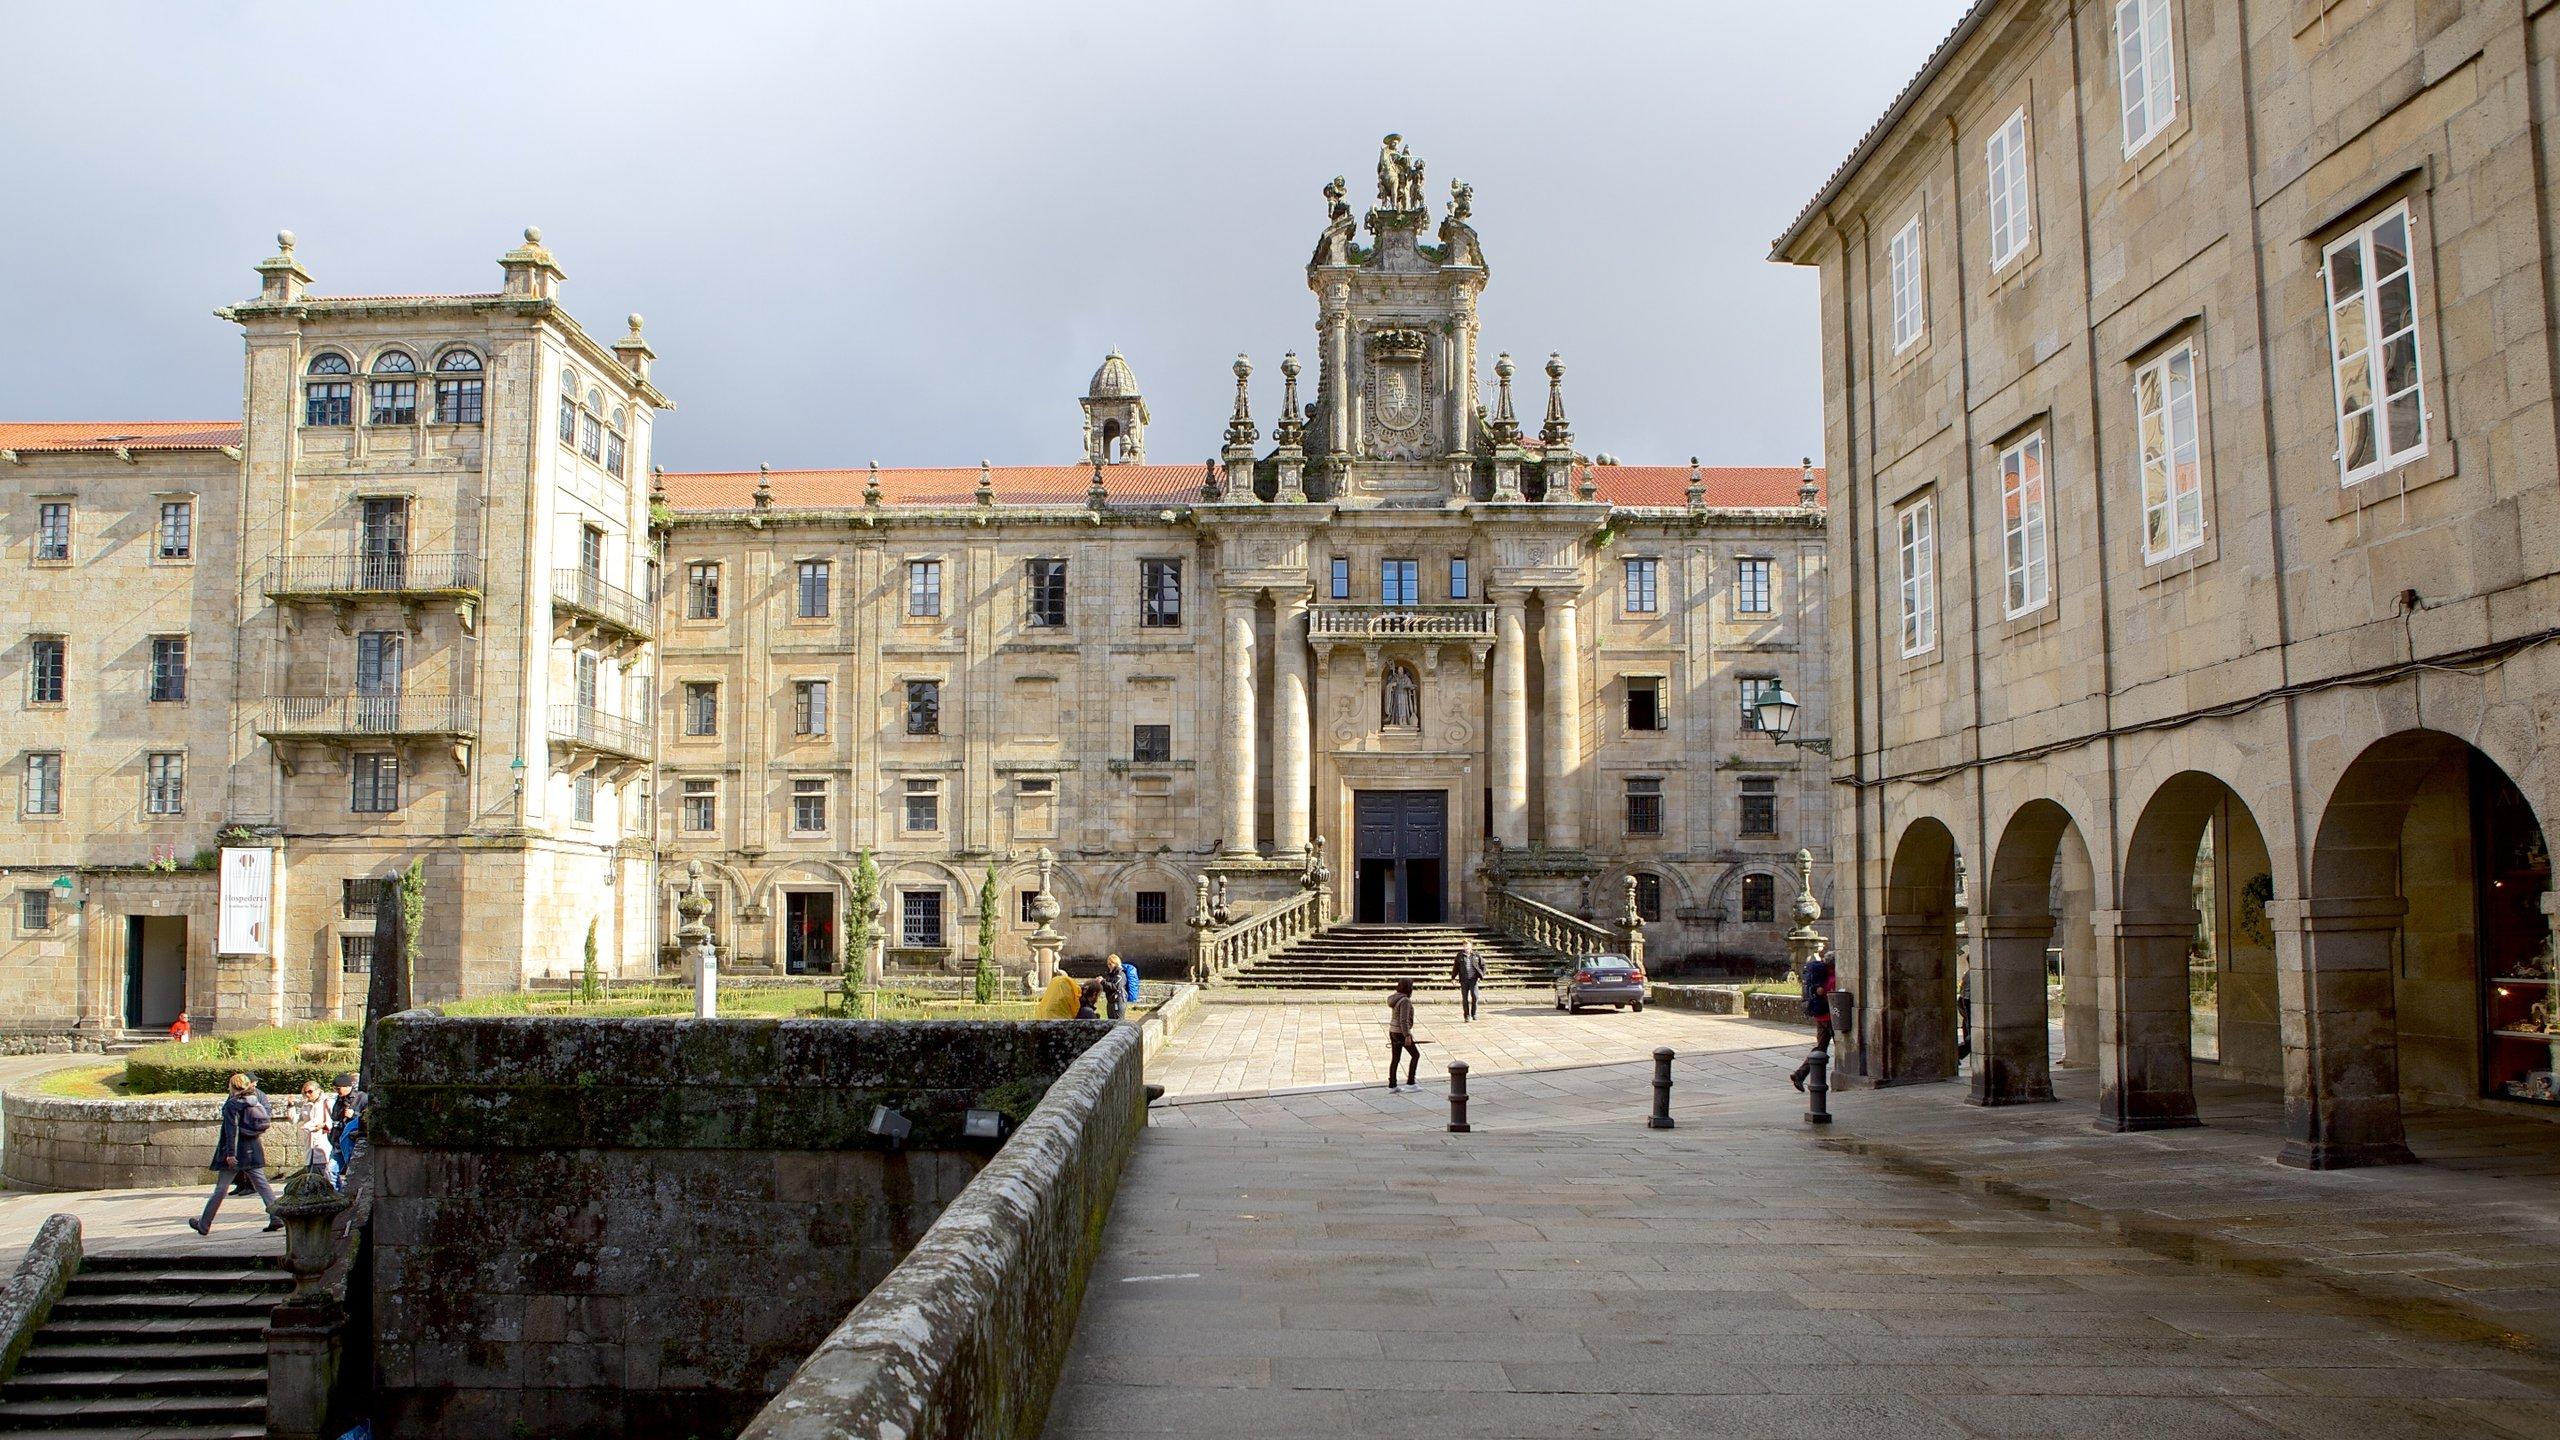 Plaza de la Quintana, Santiago de Compostela, Galicia, Spain